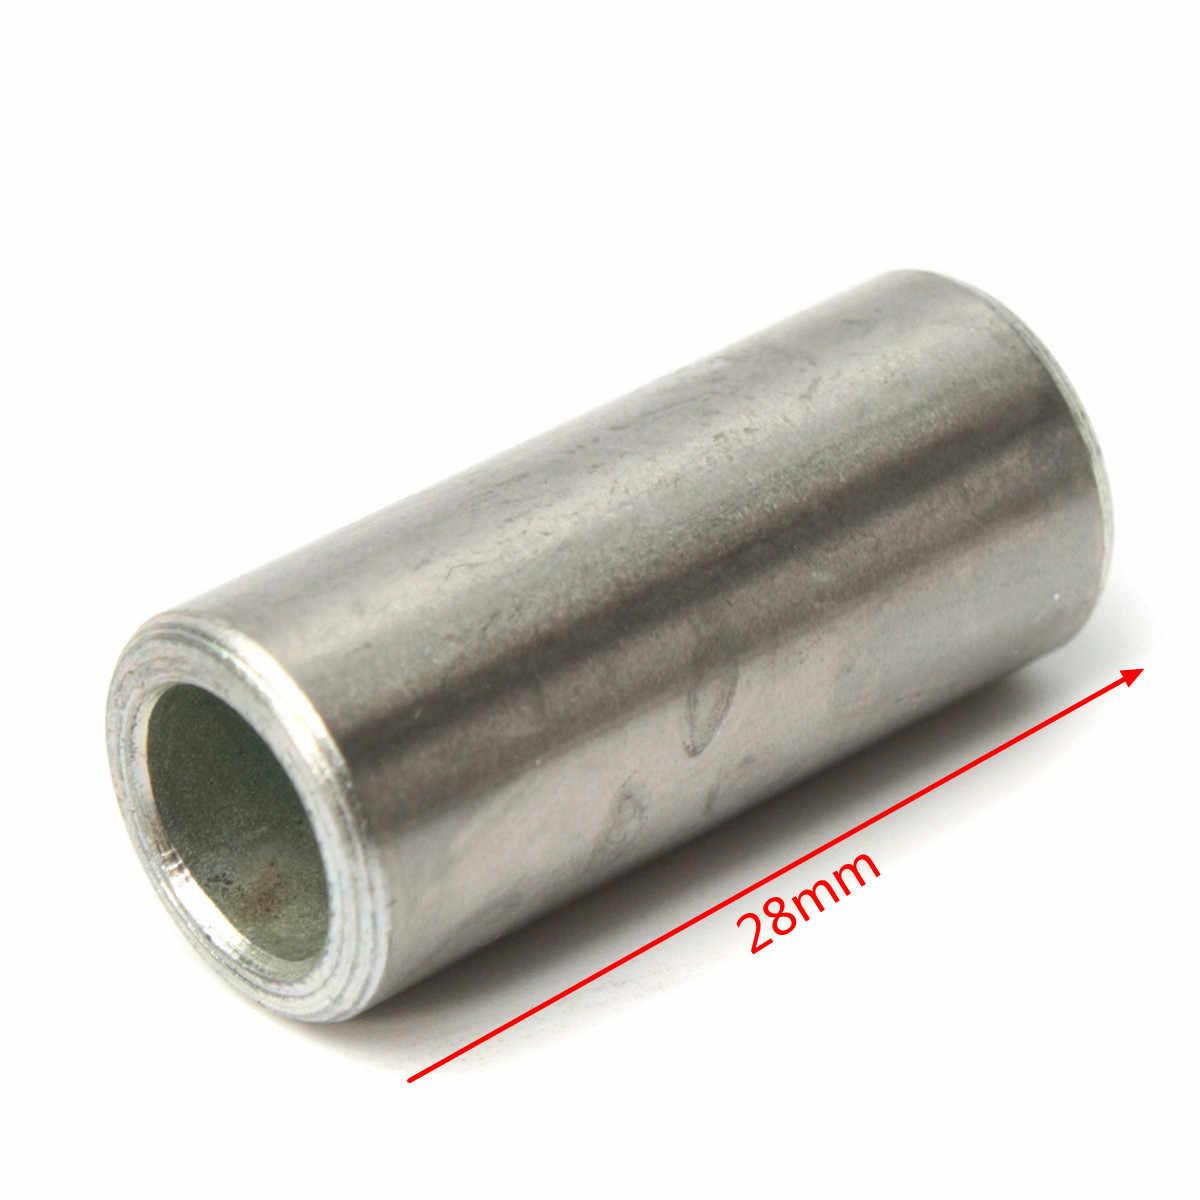 47.7mm alésage 50cc 60cc 80cc GY6 QMB139 anneaux de Piston de culasse ensemble pour Scooter